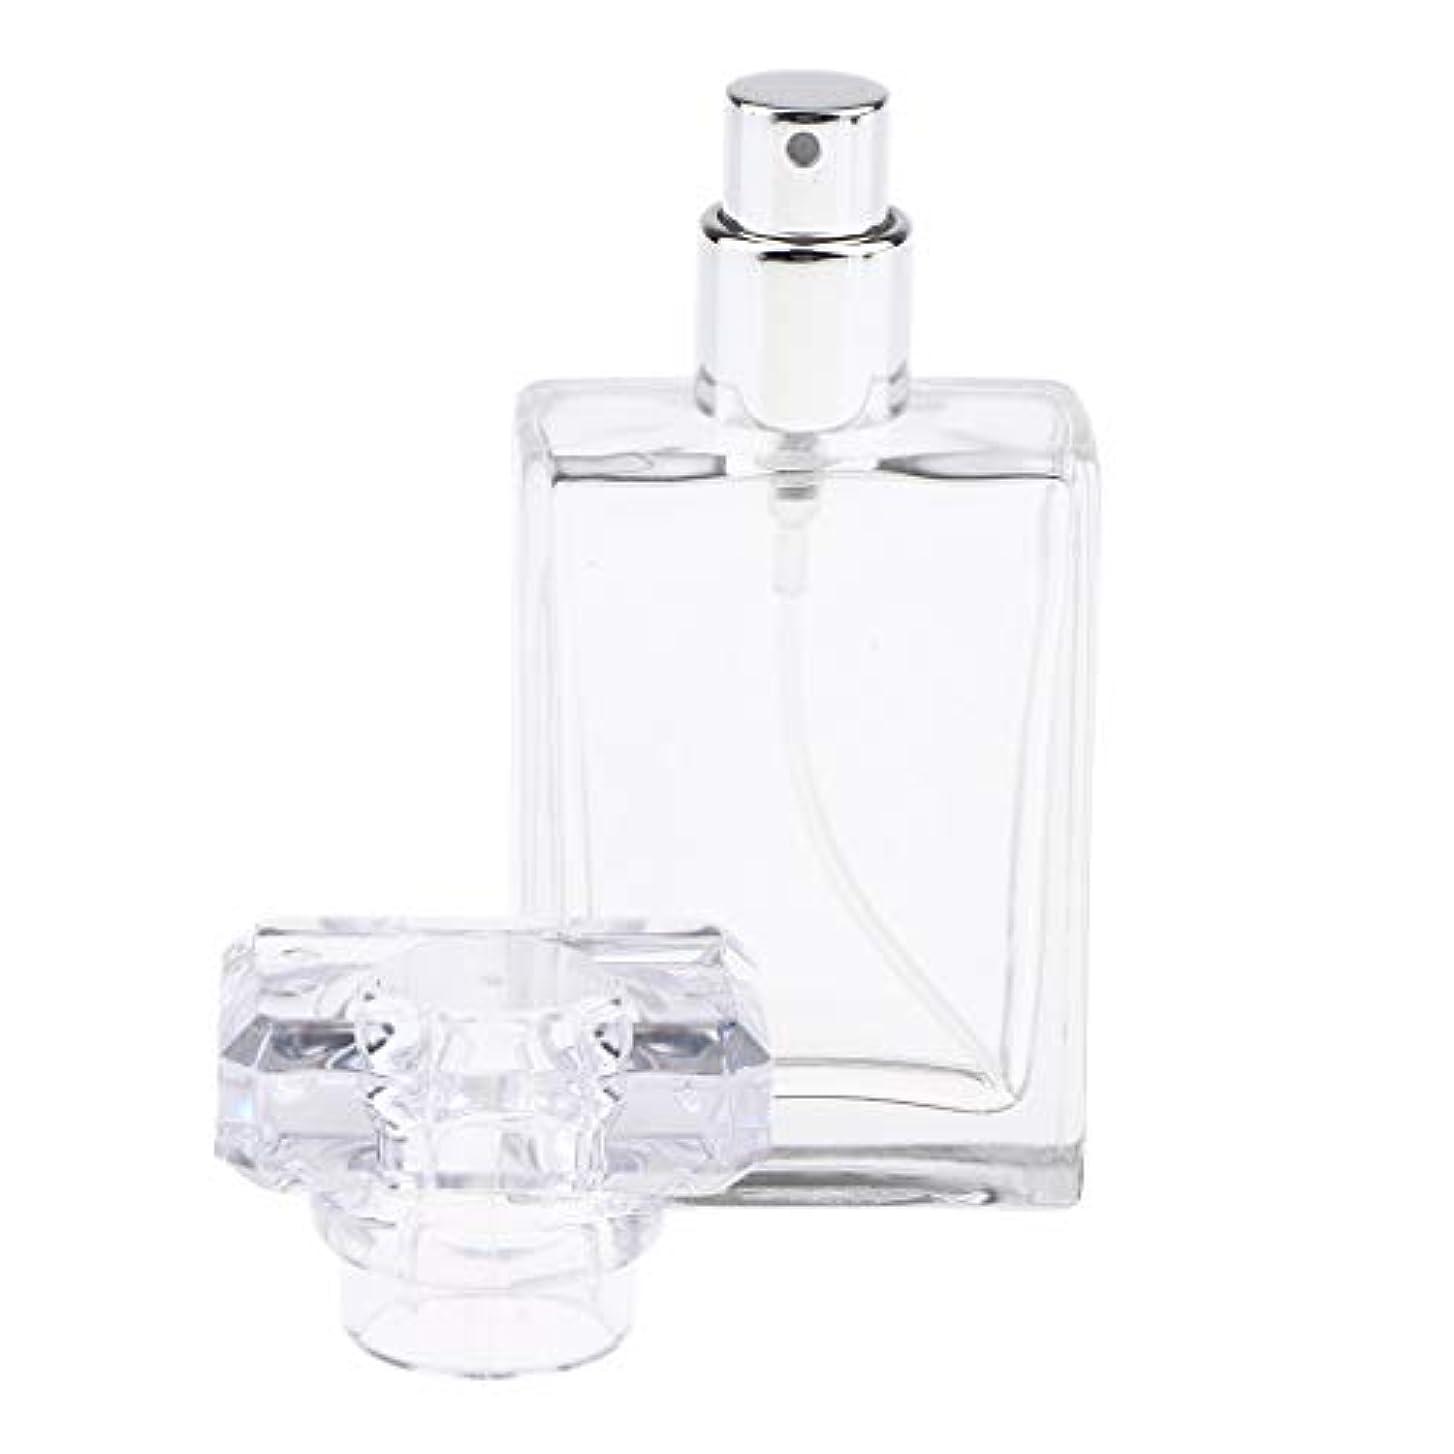 恥ずかしさ回転する貪欲CUTICATE 香水瓶 アロマボトル 香水 小分けボトル ガラス製ボトル 30ミリリットル 全2色選択 - クリア